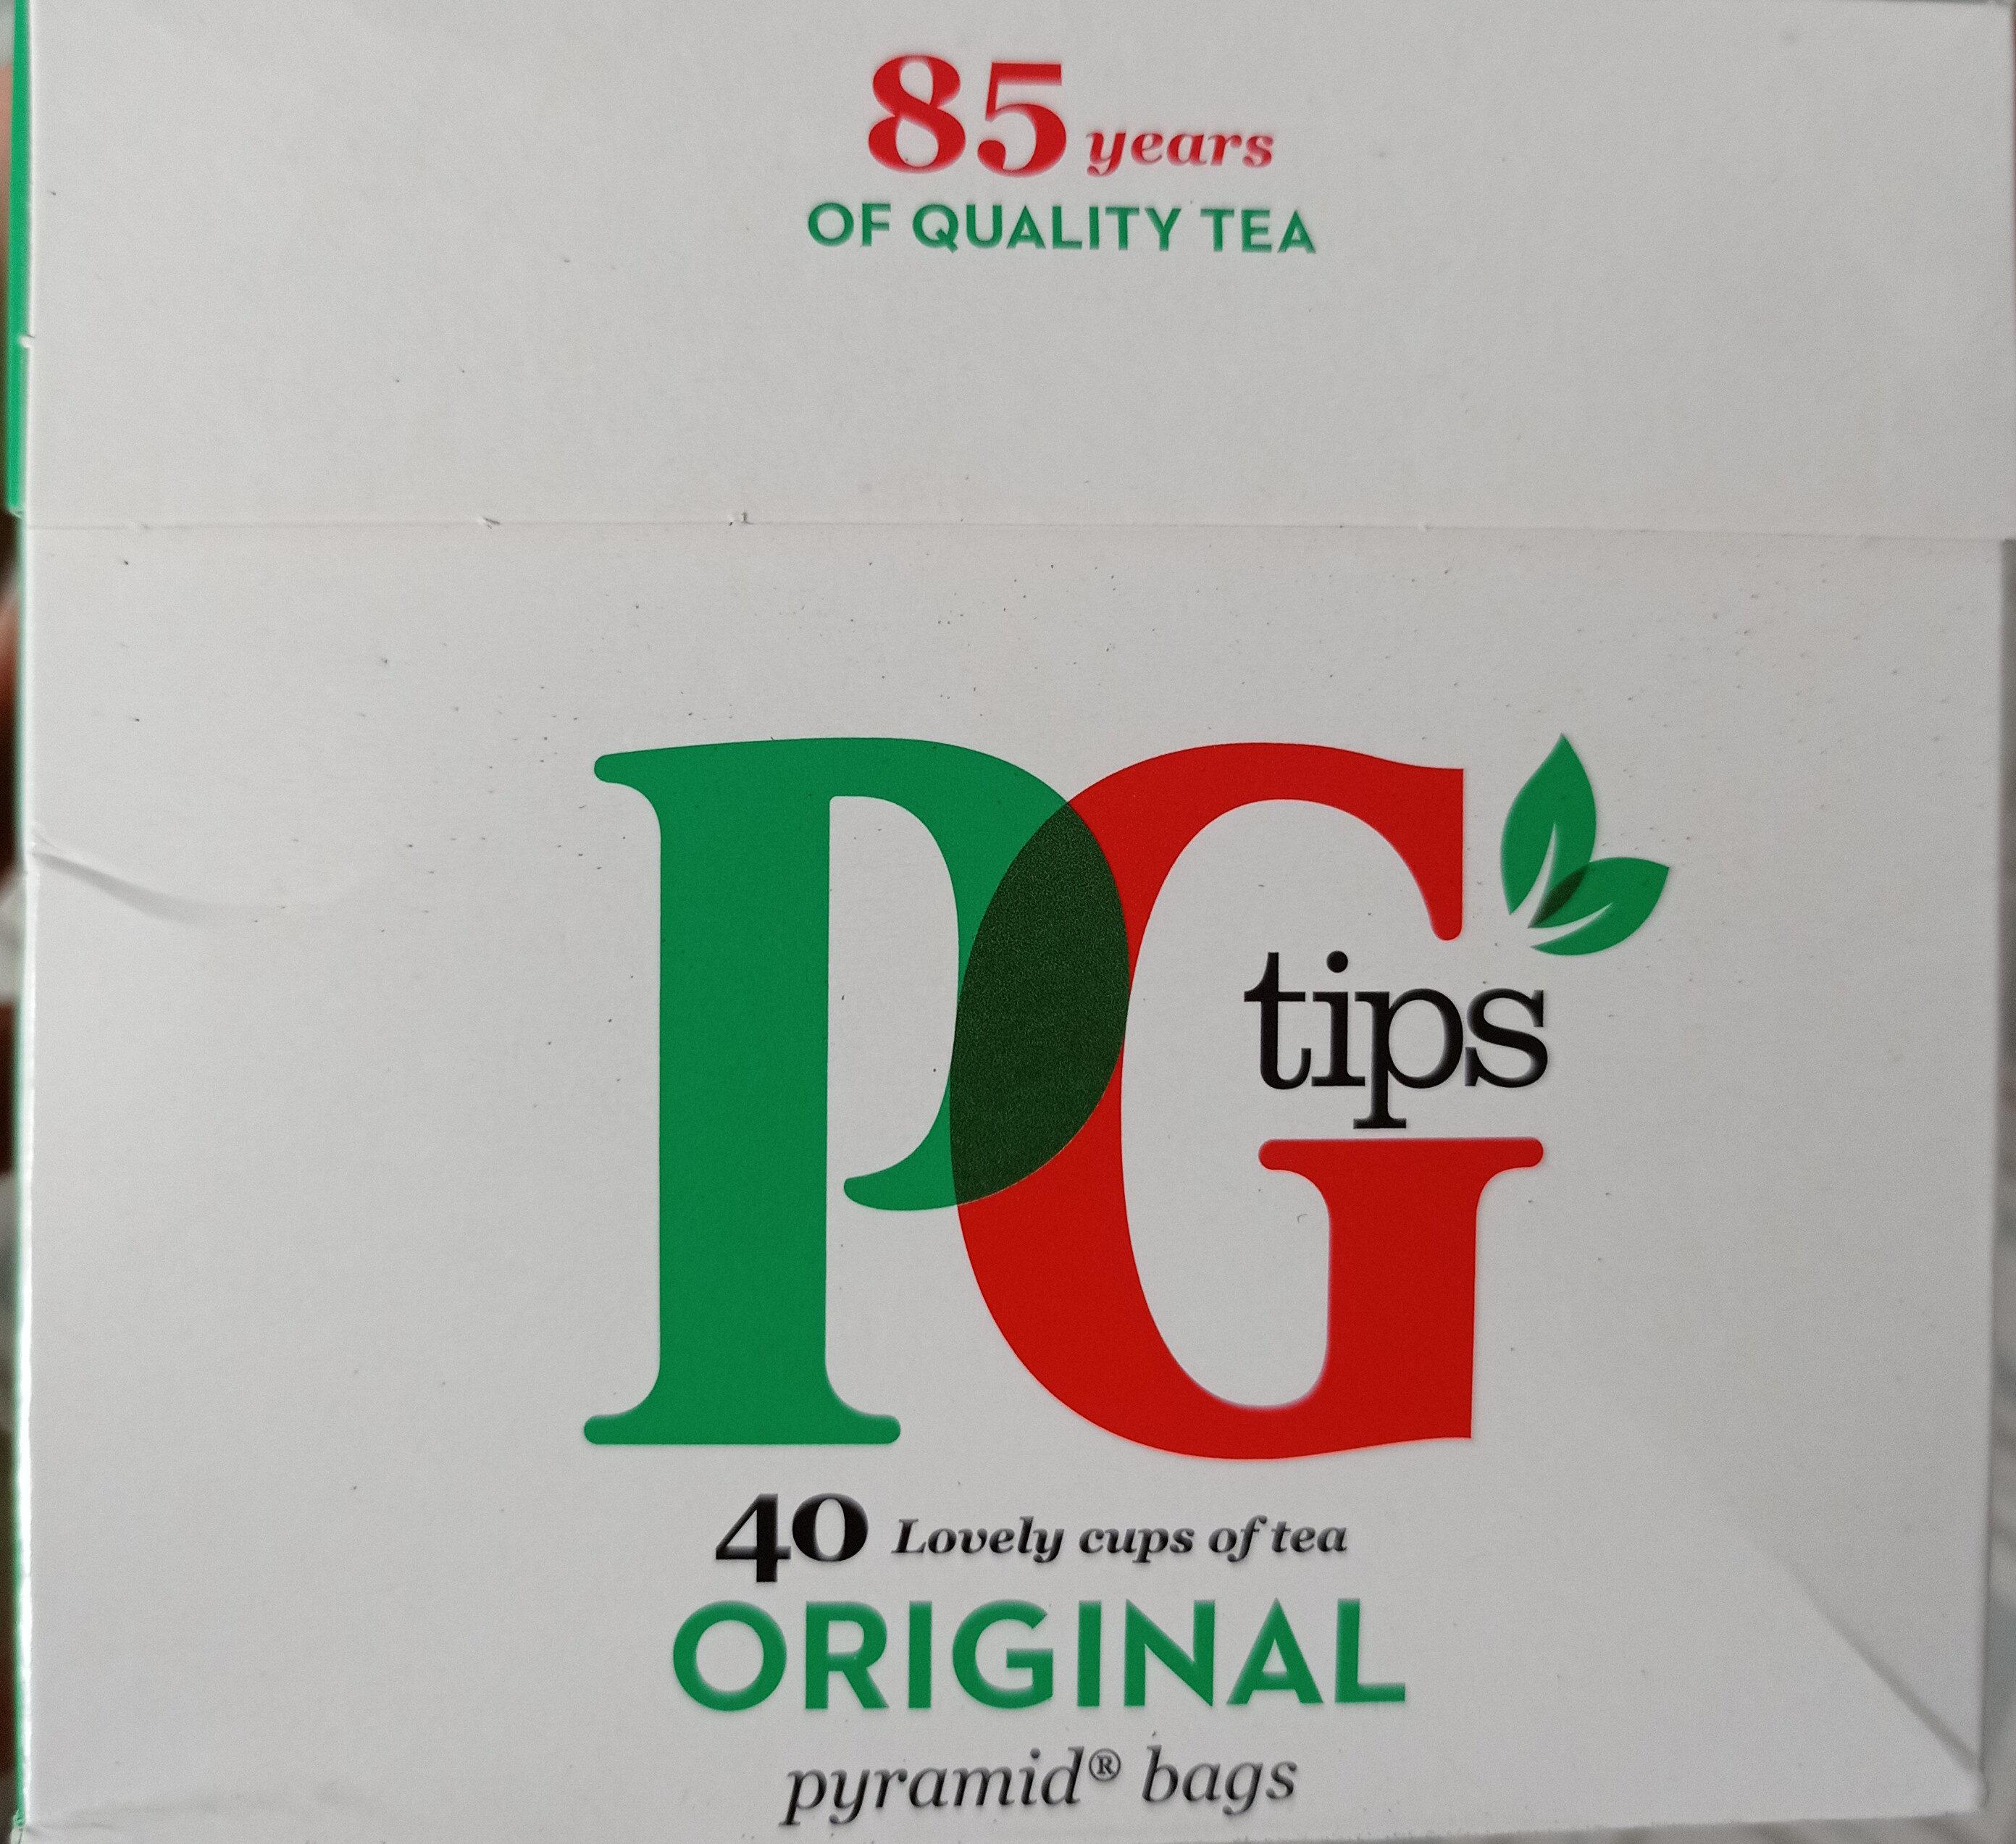 PG tips - Produit - fr